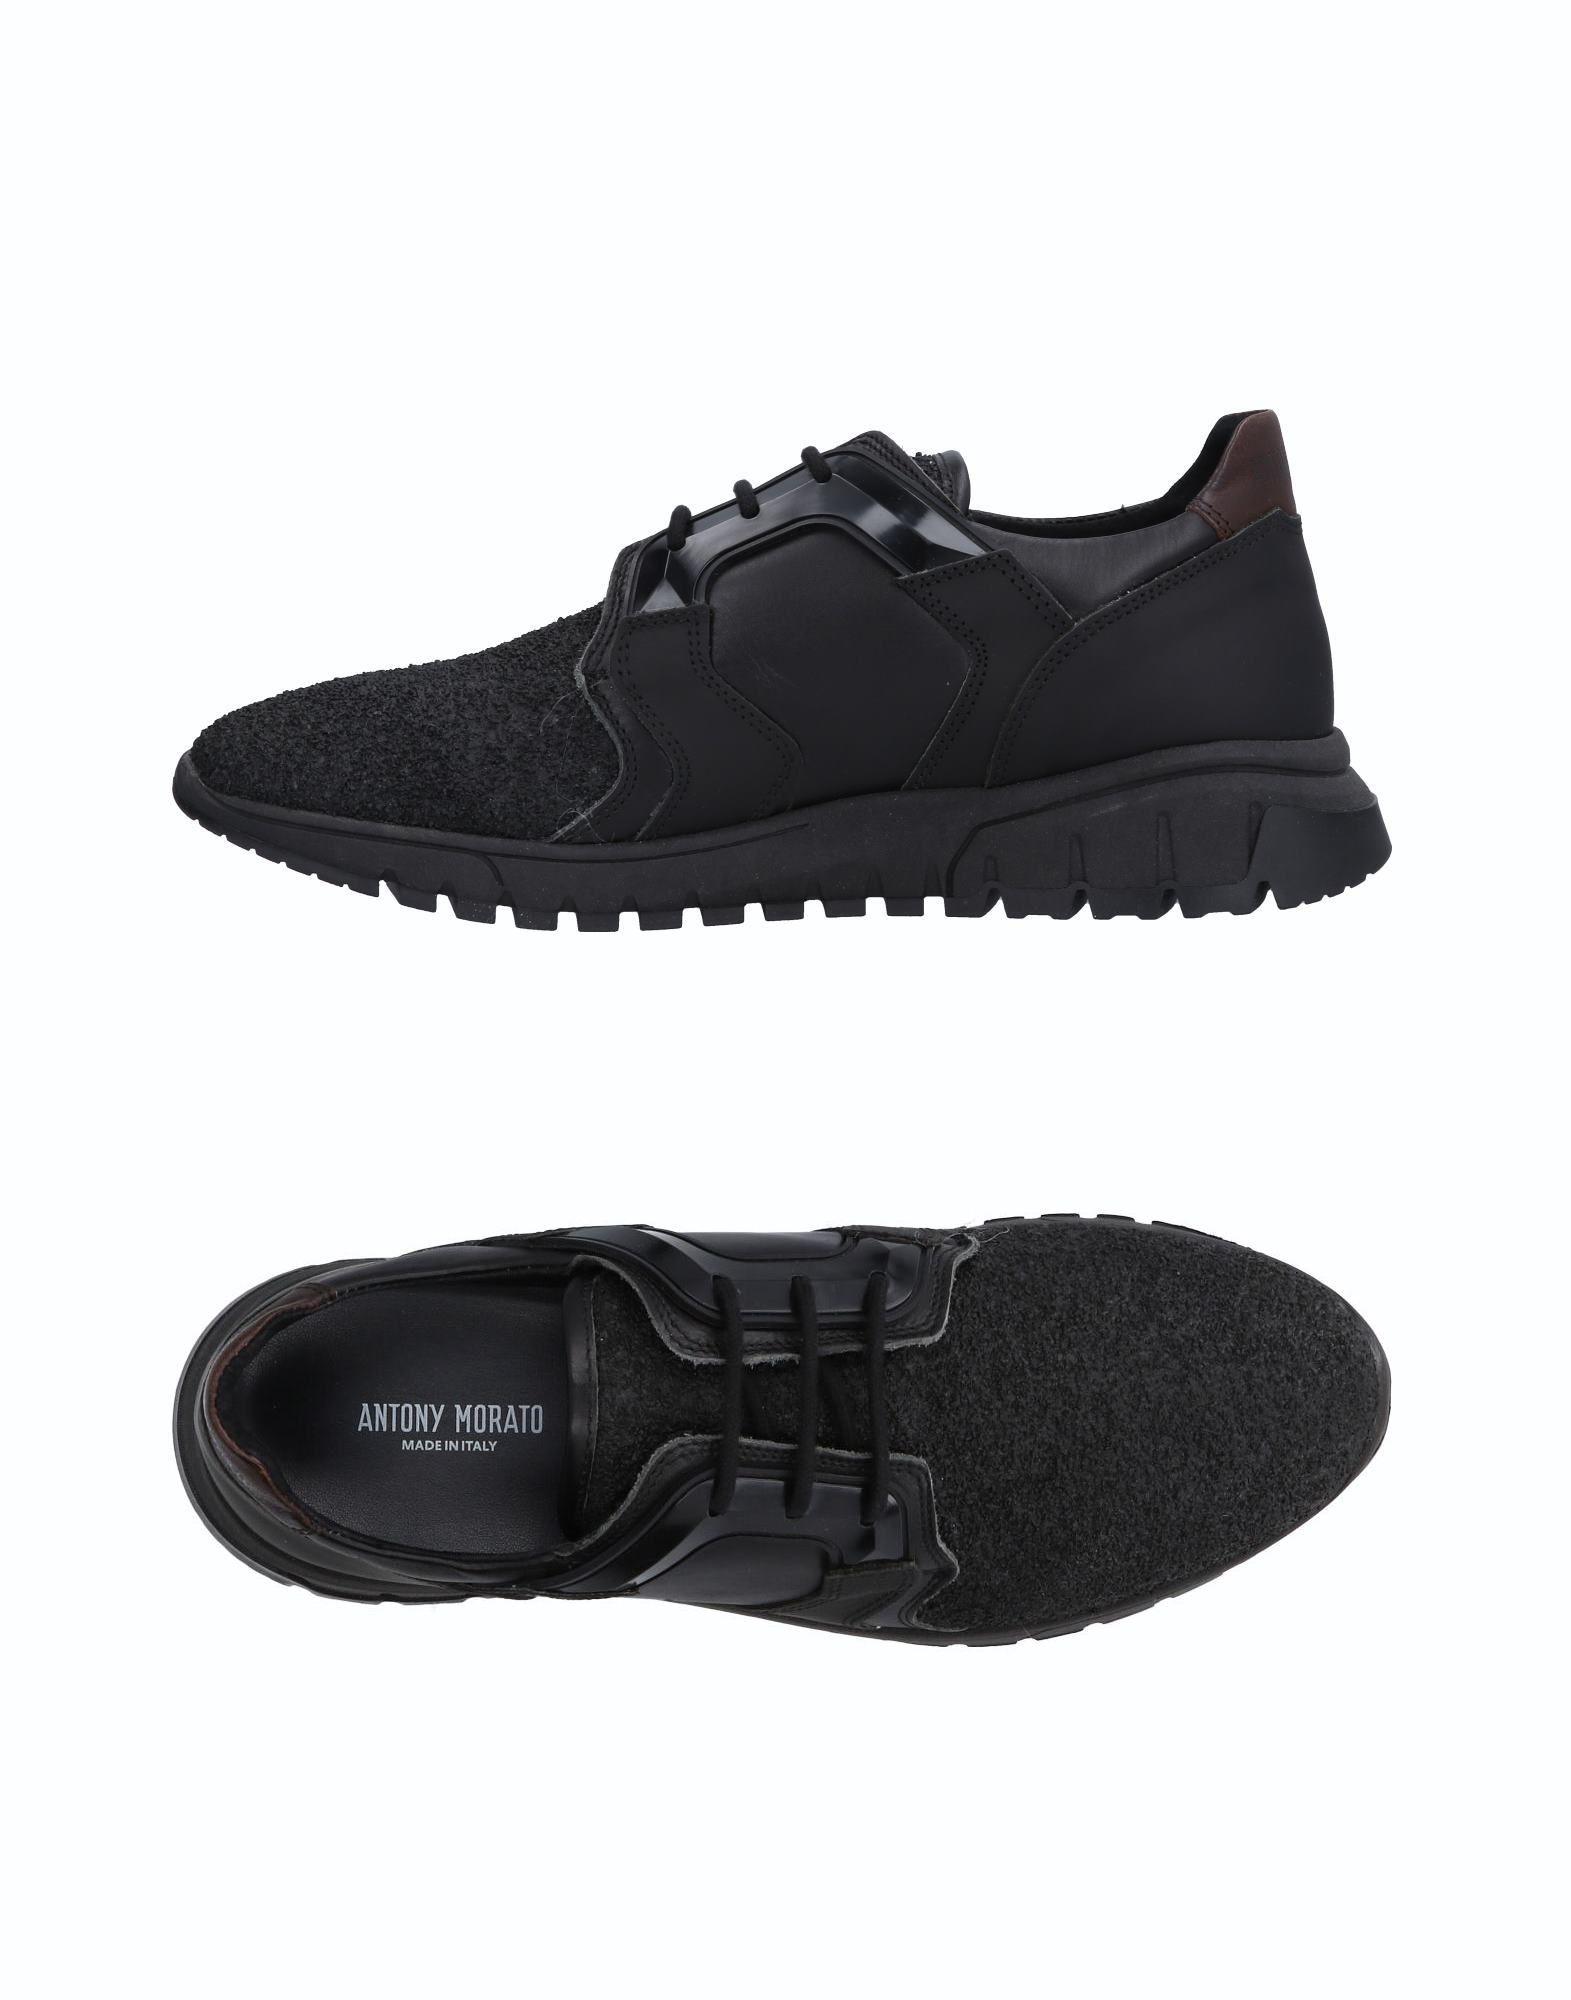 Antony Morato Sneakers - Men Antony Morato Sneakers - online on  Australia - Sneakers 11499171QH 2dcadc